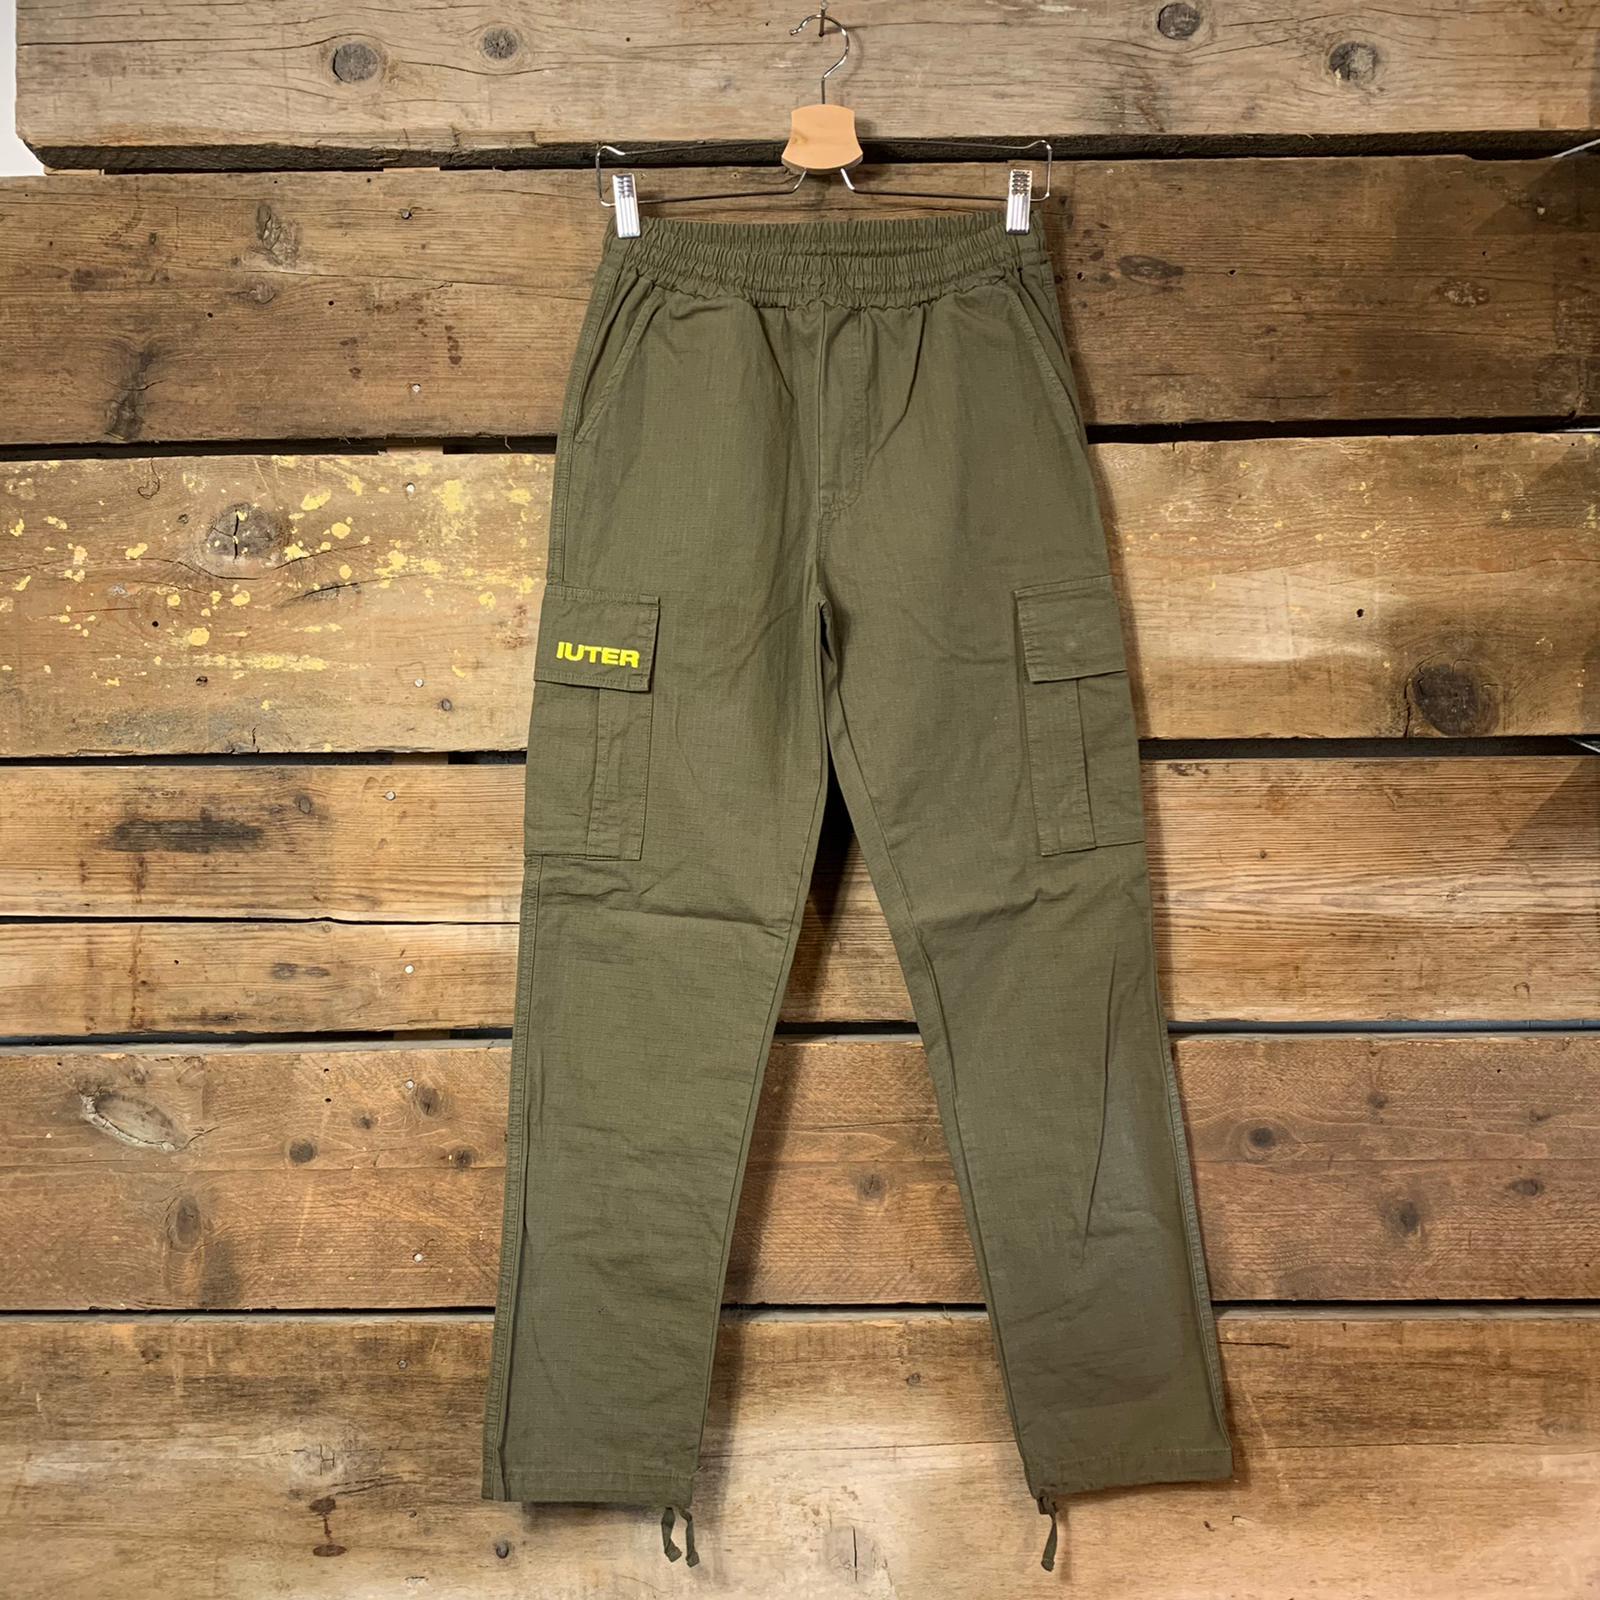 Pantalone Iuter Cargo Verde Militare Con Tasconi Laterali E Coulisse Sul Fondo